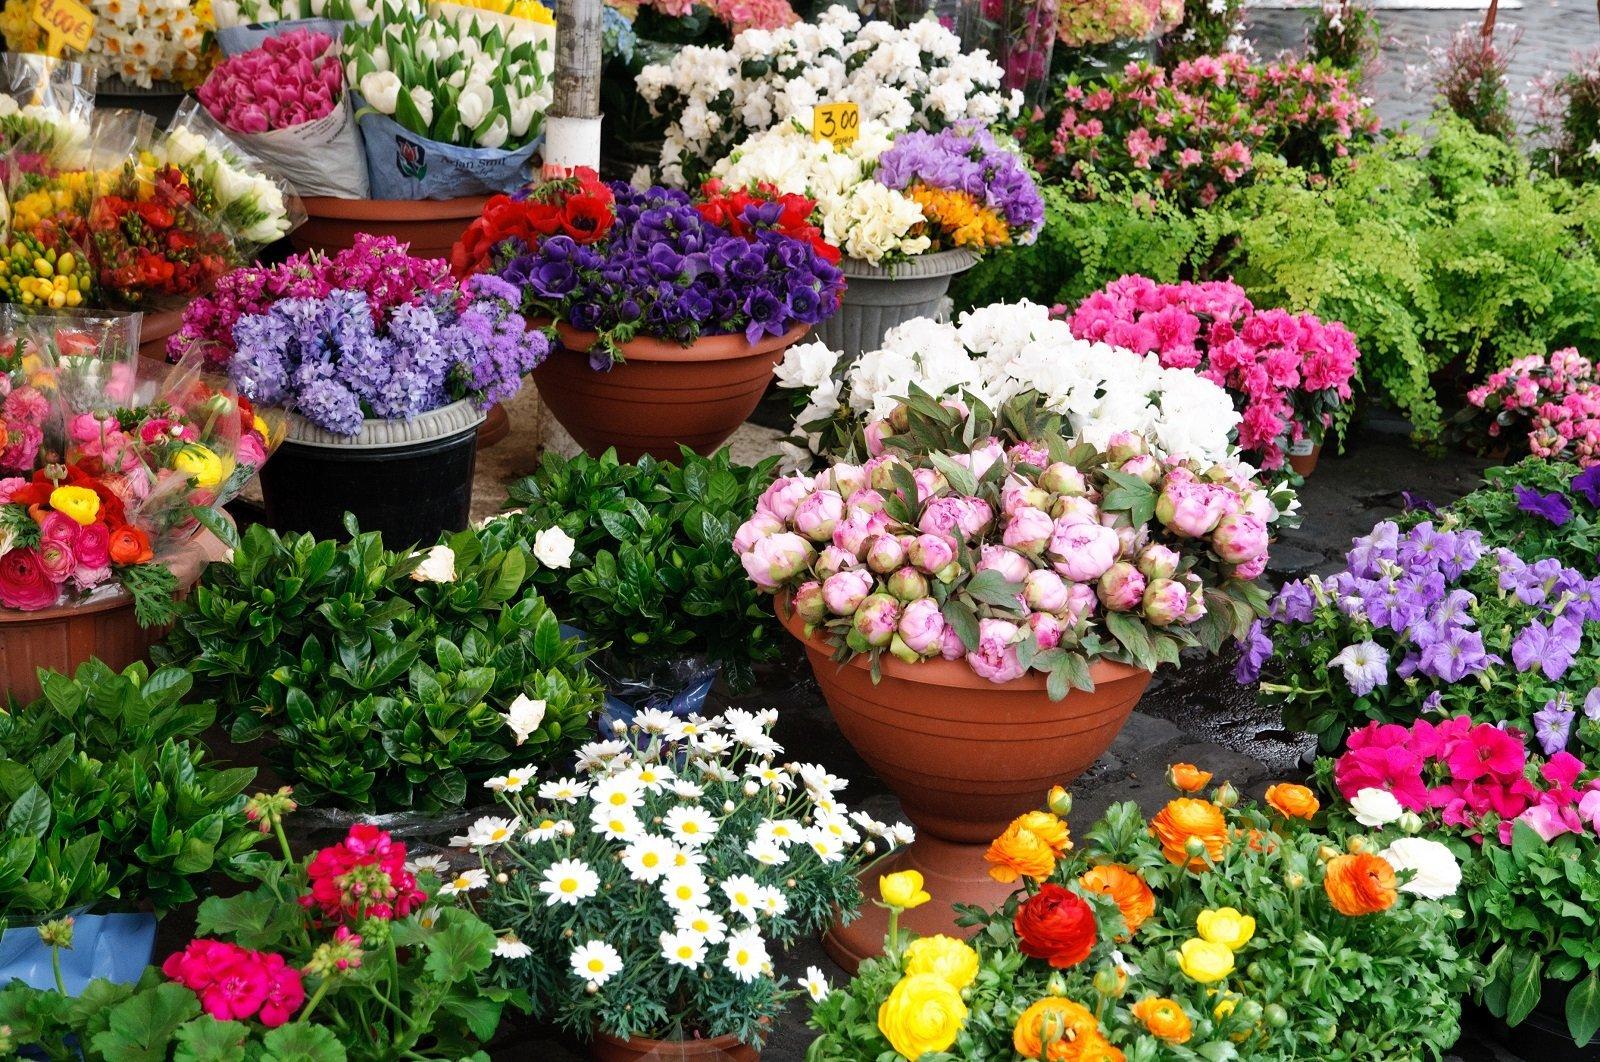 dei vasi di fiori colorati